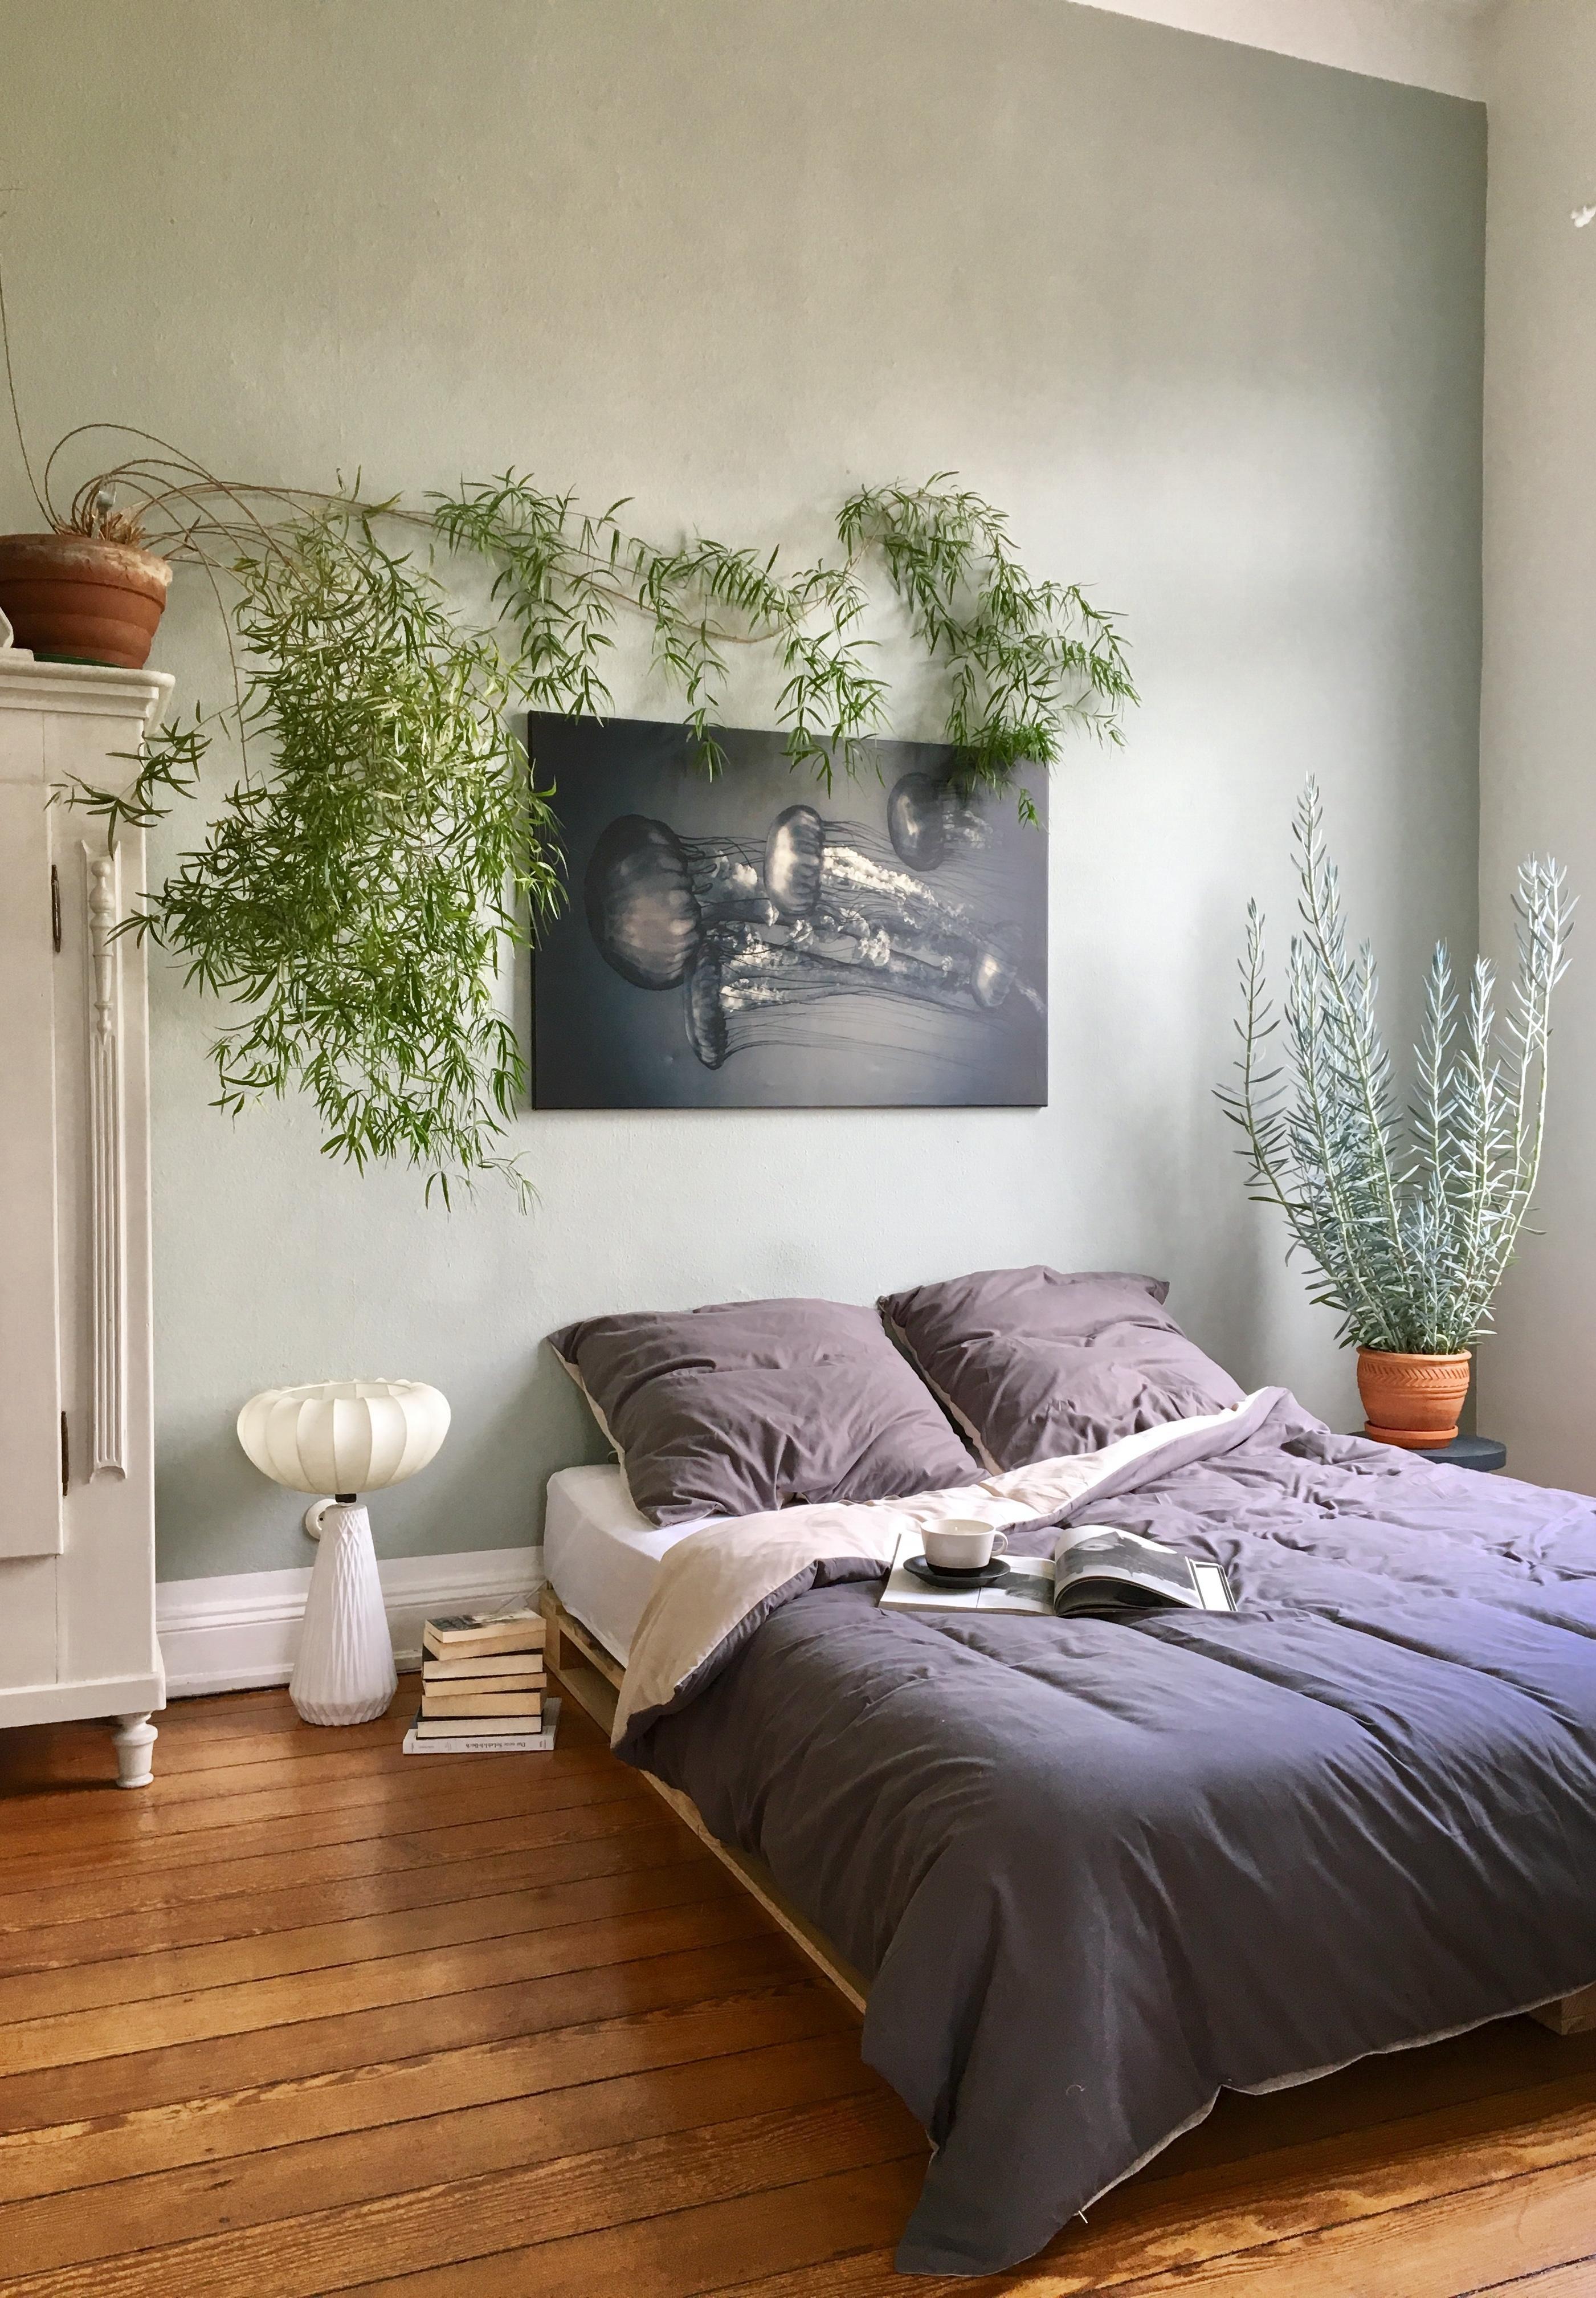 Schlafzimmer Bilder Ideen - Best Car Wallpaper 2020 ...